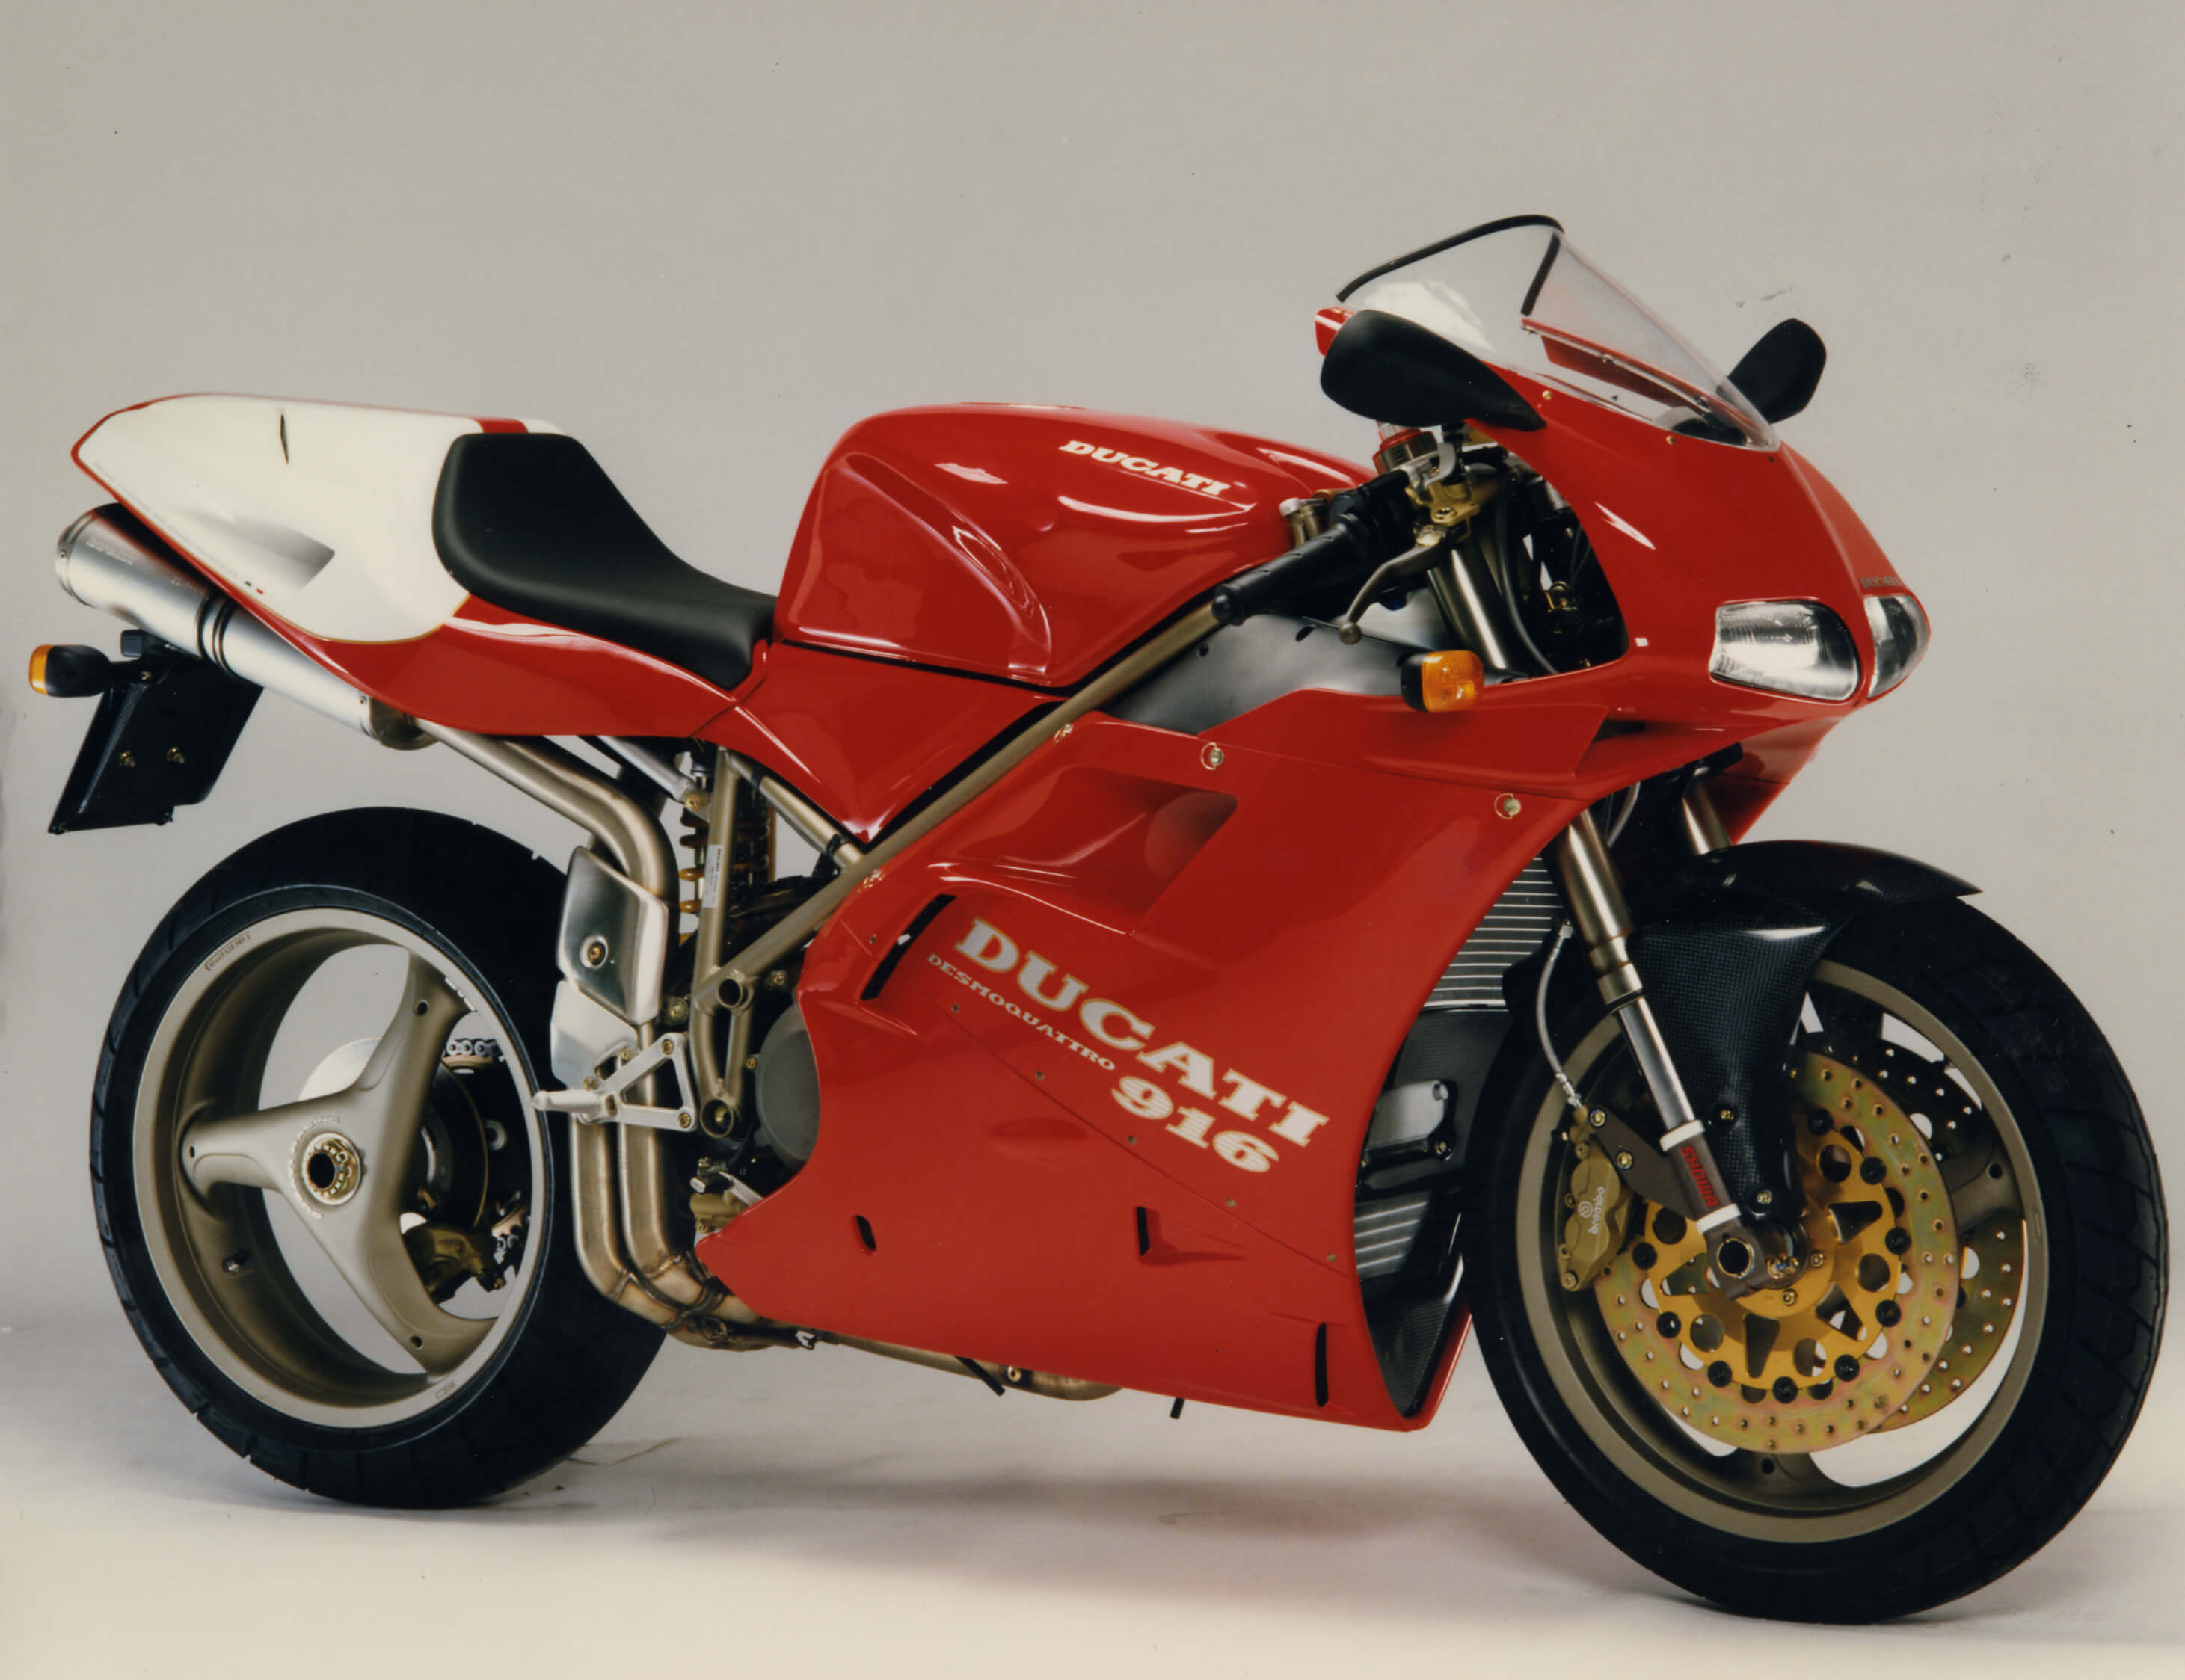 Ducati 916 S.P., Ducati 916SP, 1995 Ducati 916 SP